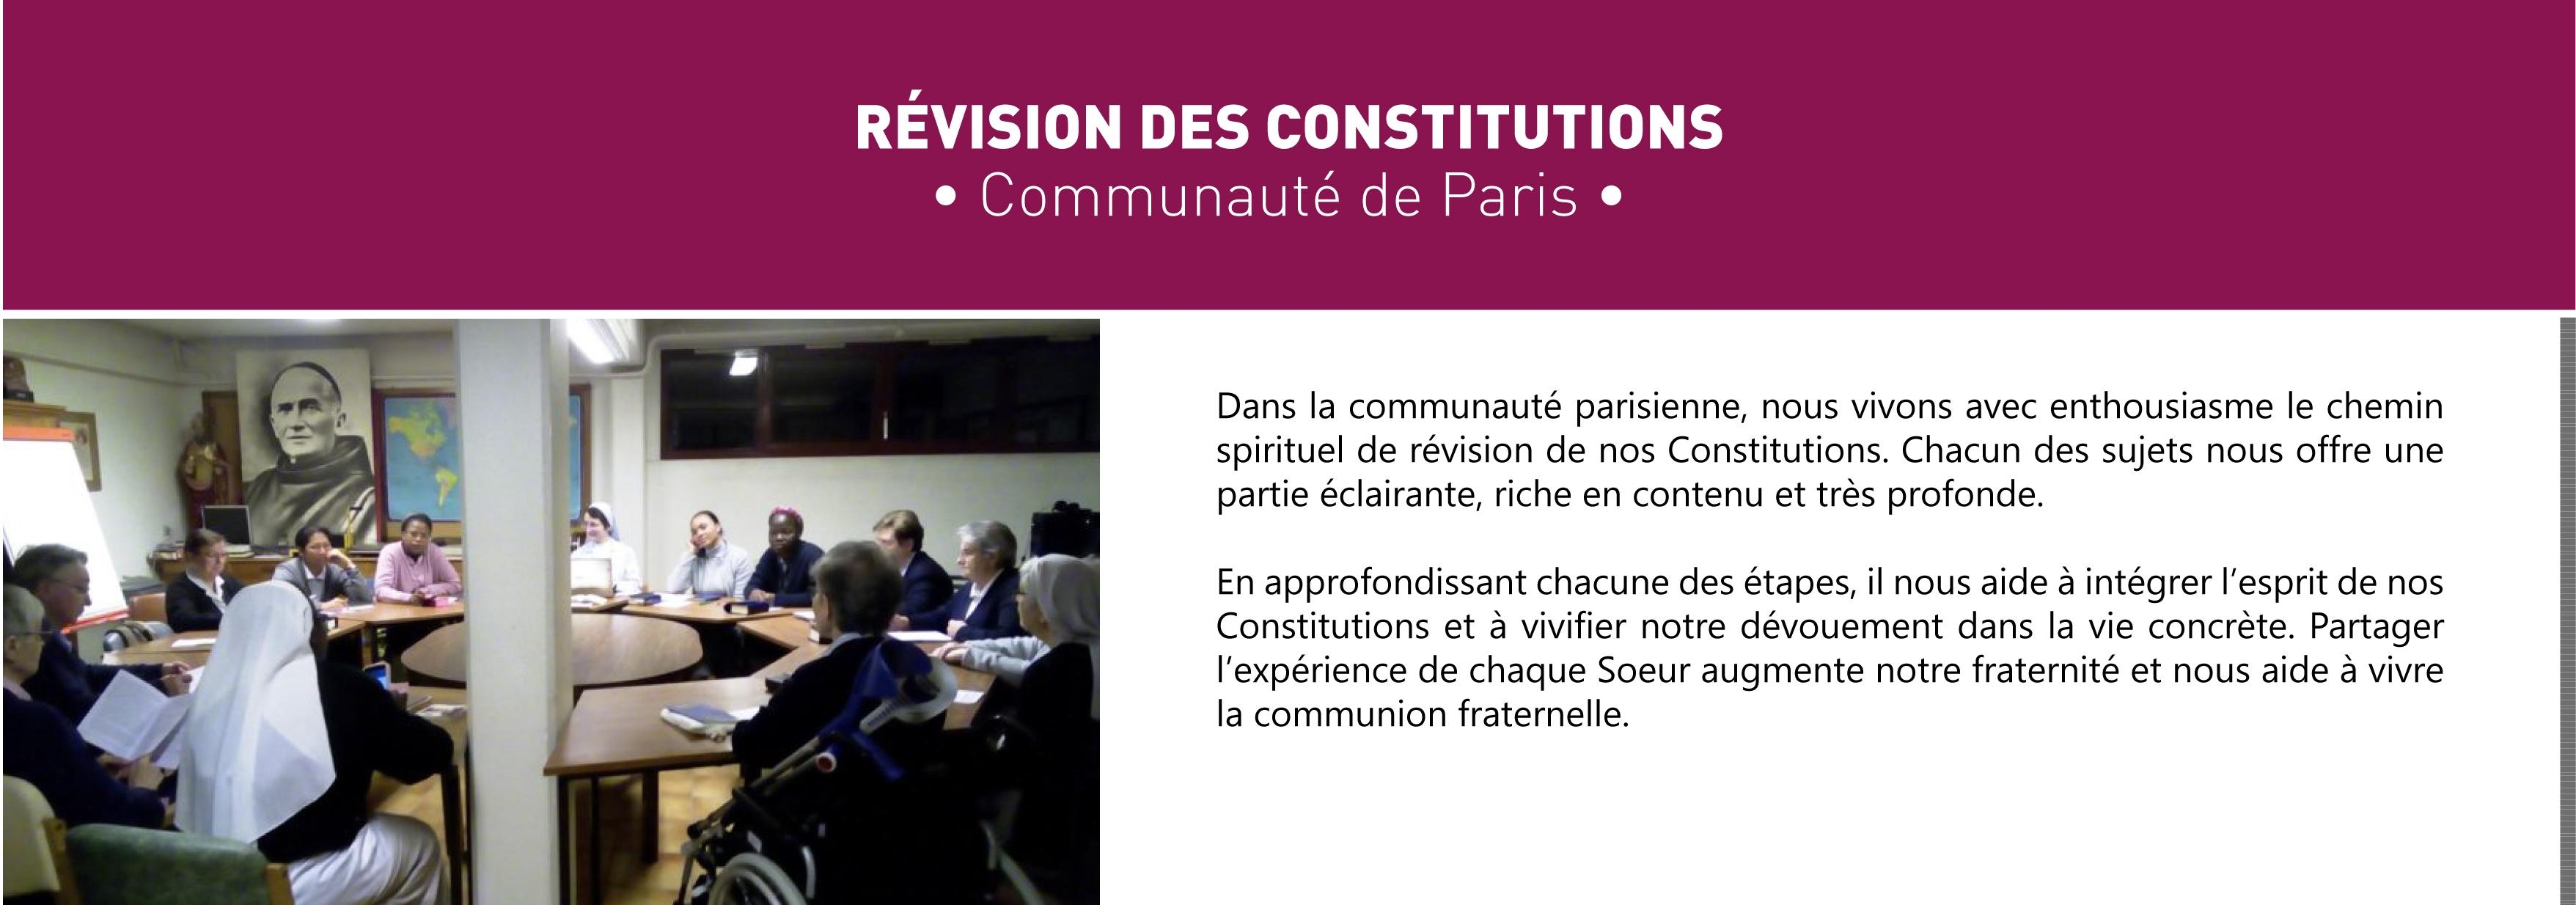 revision-des-constitutions-site-1_plan-de-travail-1